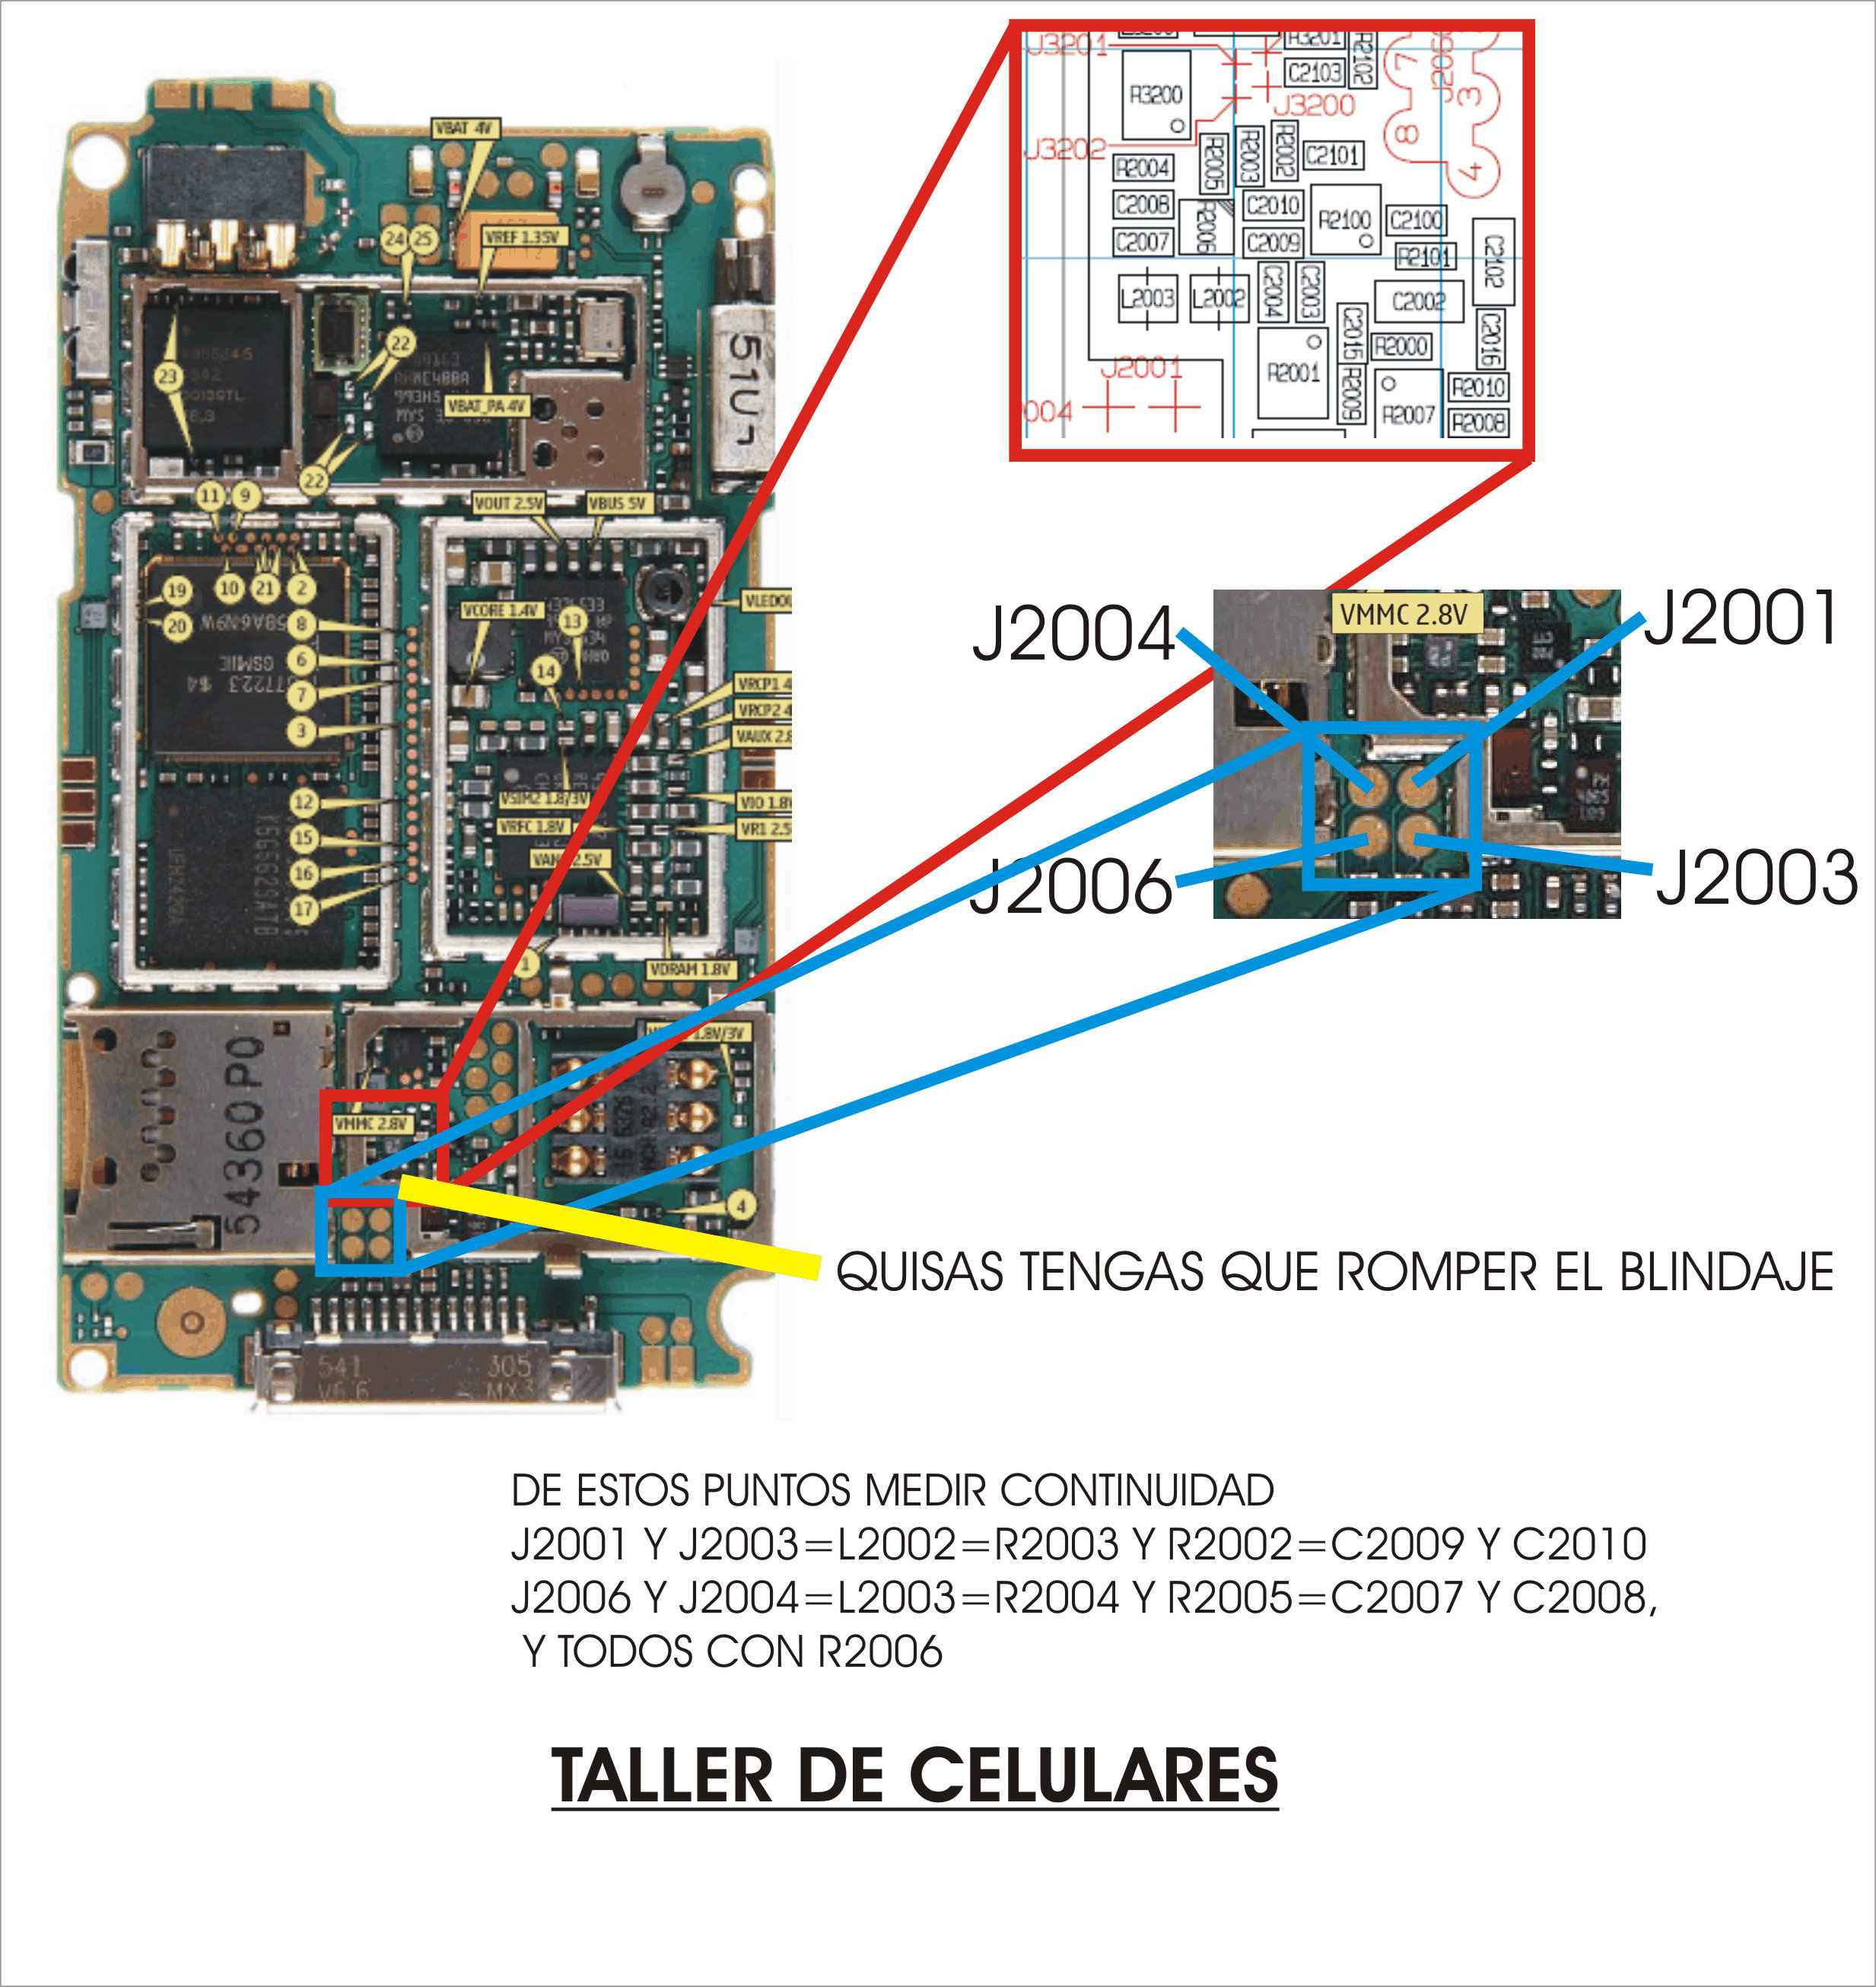 Nokia 6131 Audio Circuito Jpg Diagramas De Celulares  U2013 Diagramasde Com  U2013 Diagramas Electronicos